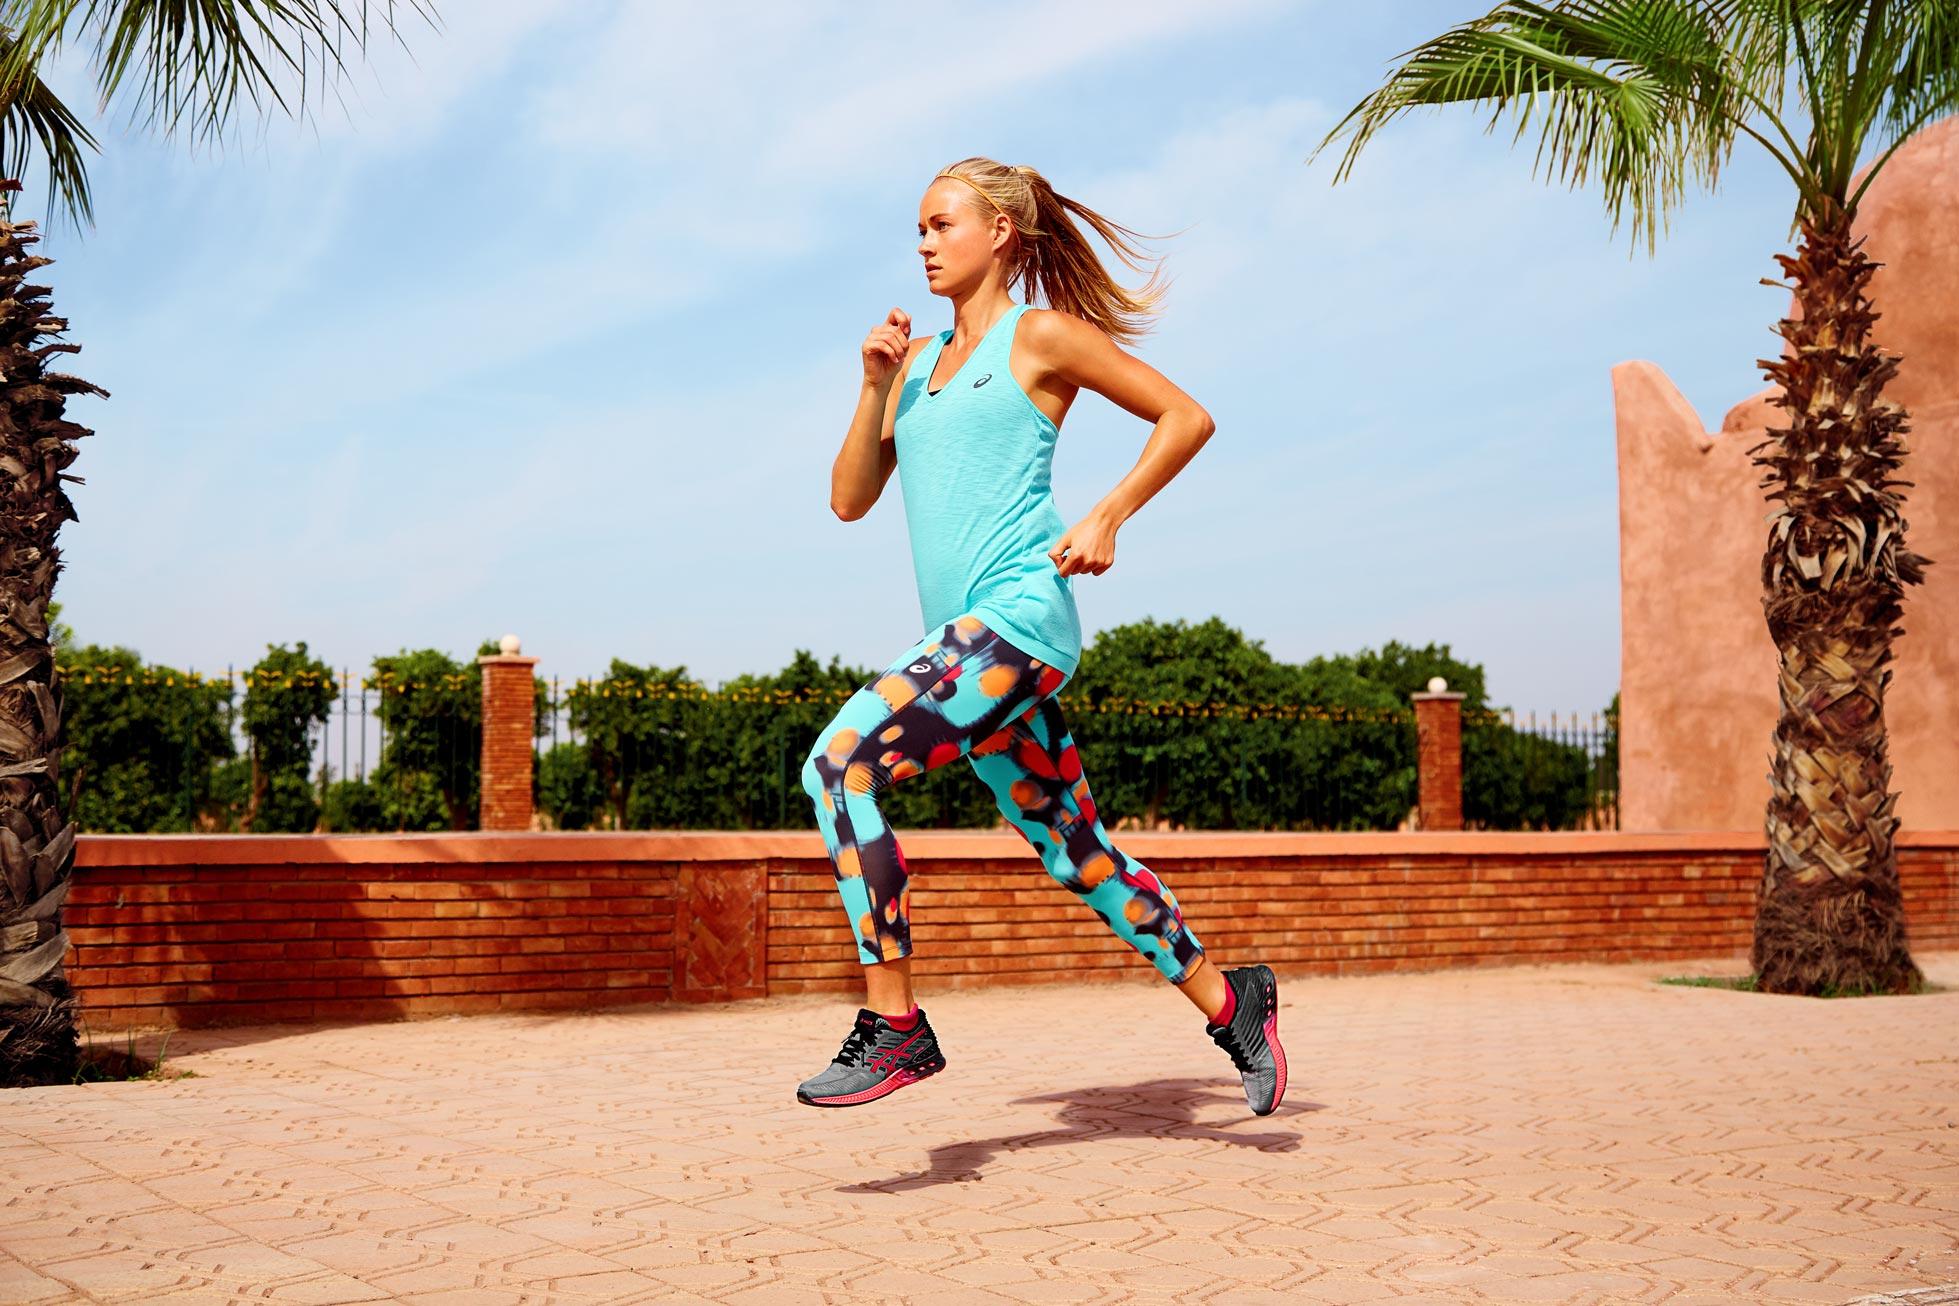 ASICS female runner